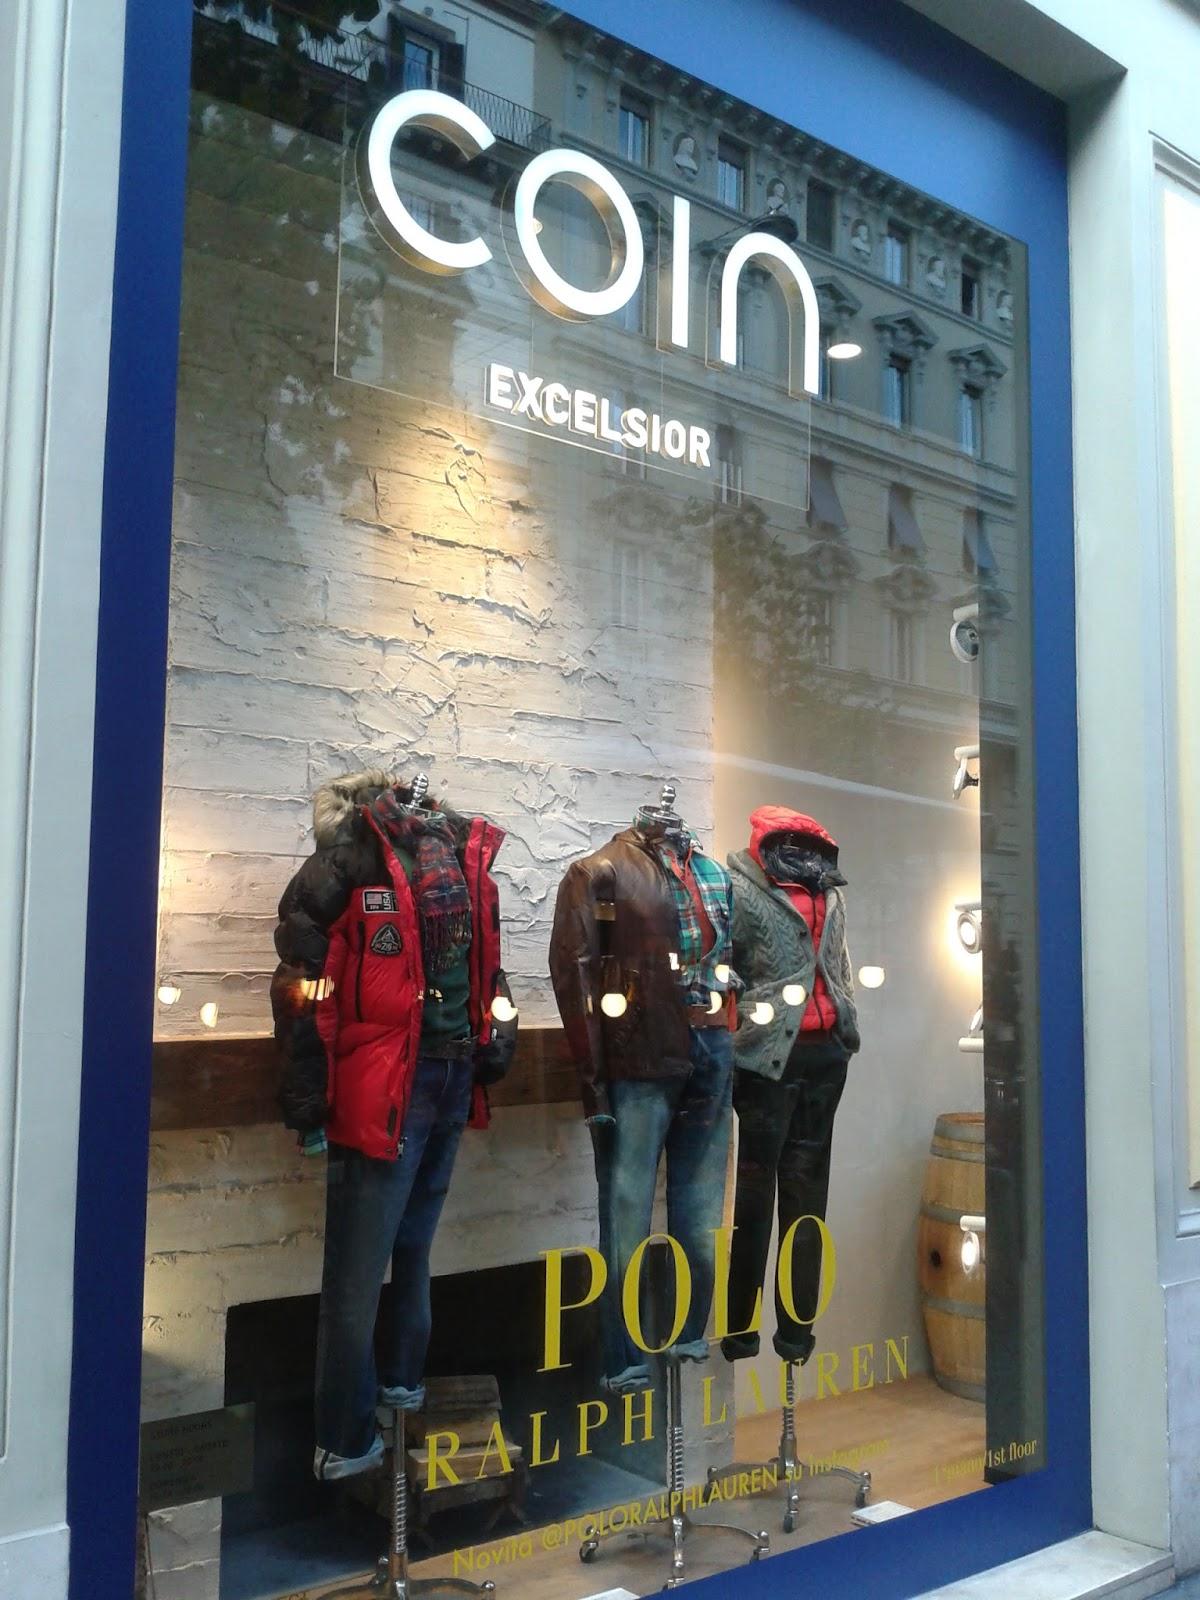 codice promozionale prezzo favorevole codici promozionali Roma Shop & More: Polo Ralph Lauren alla conquista di Roma.